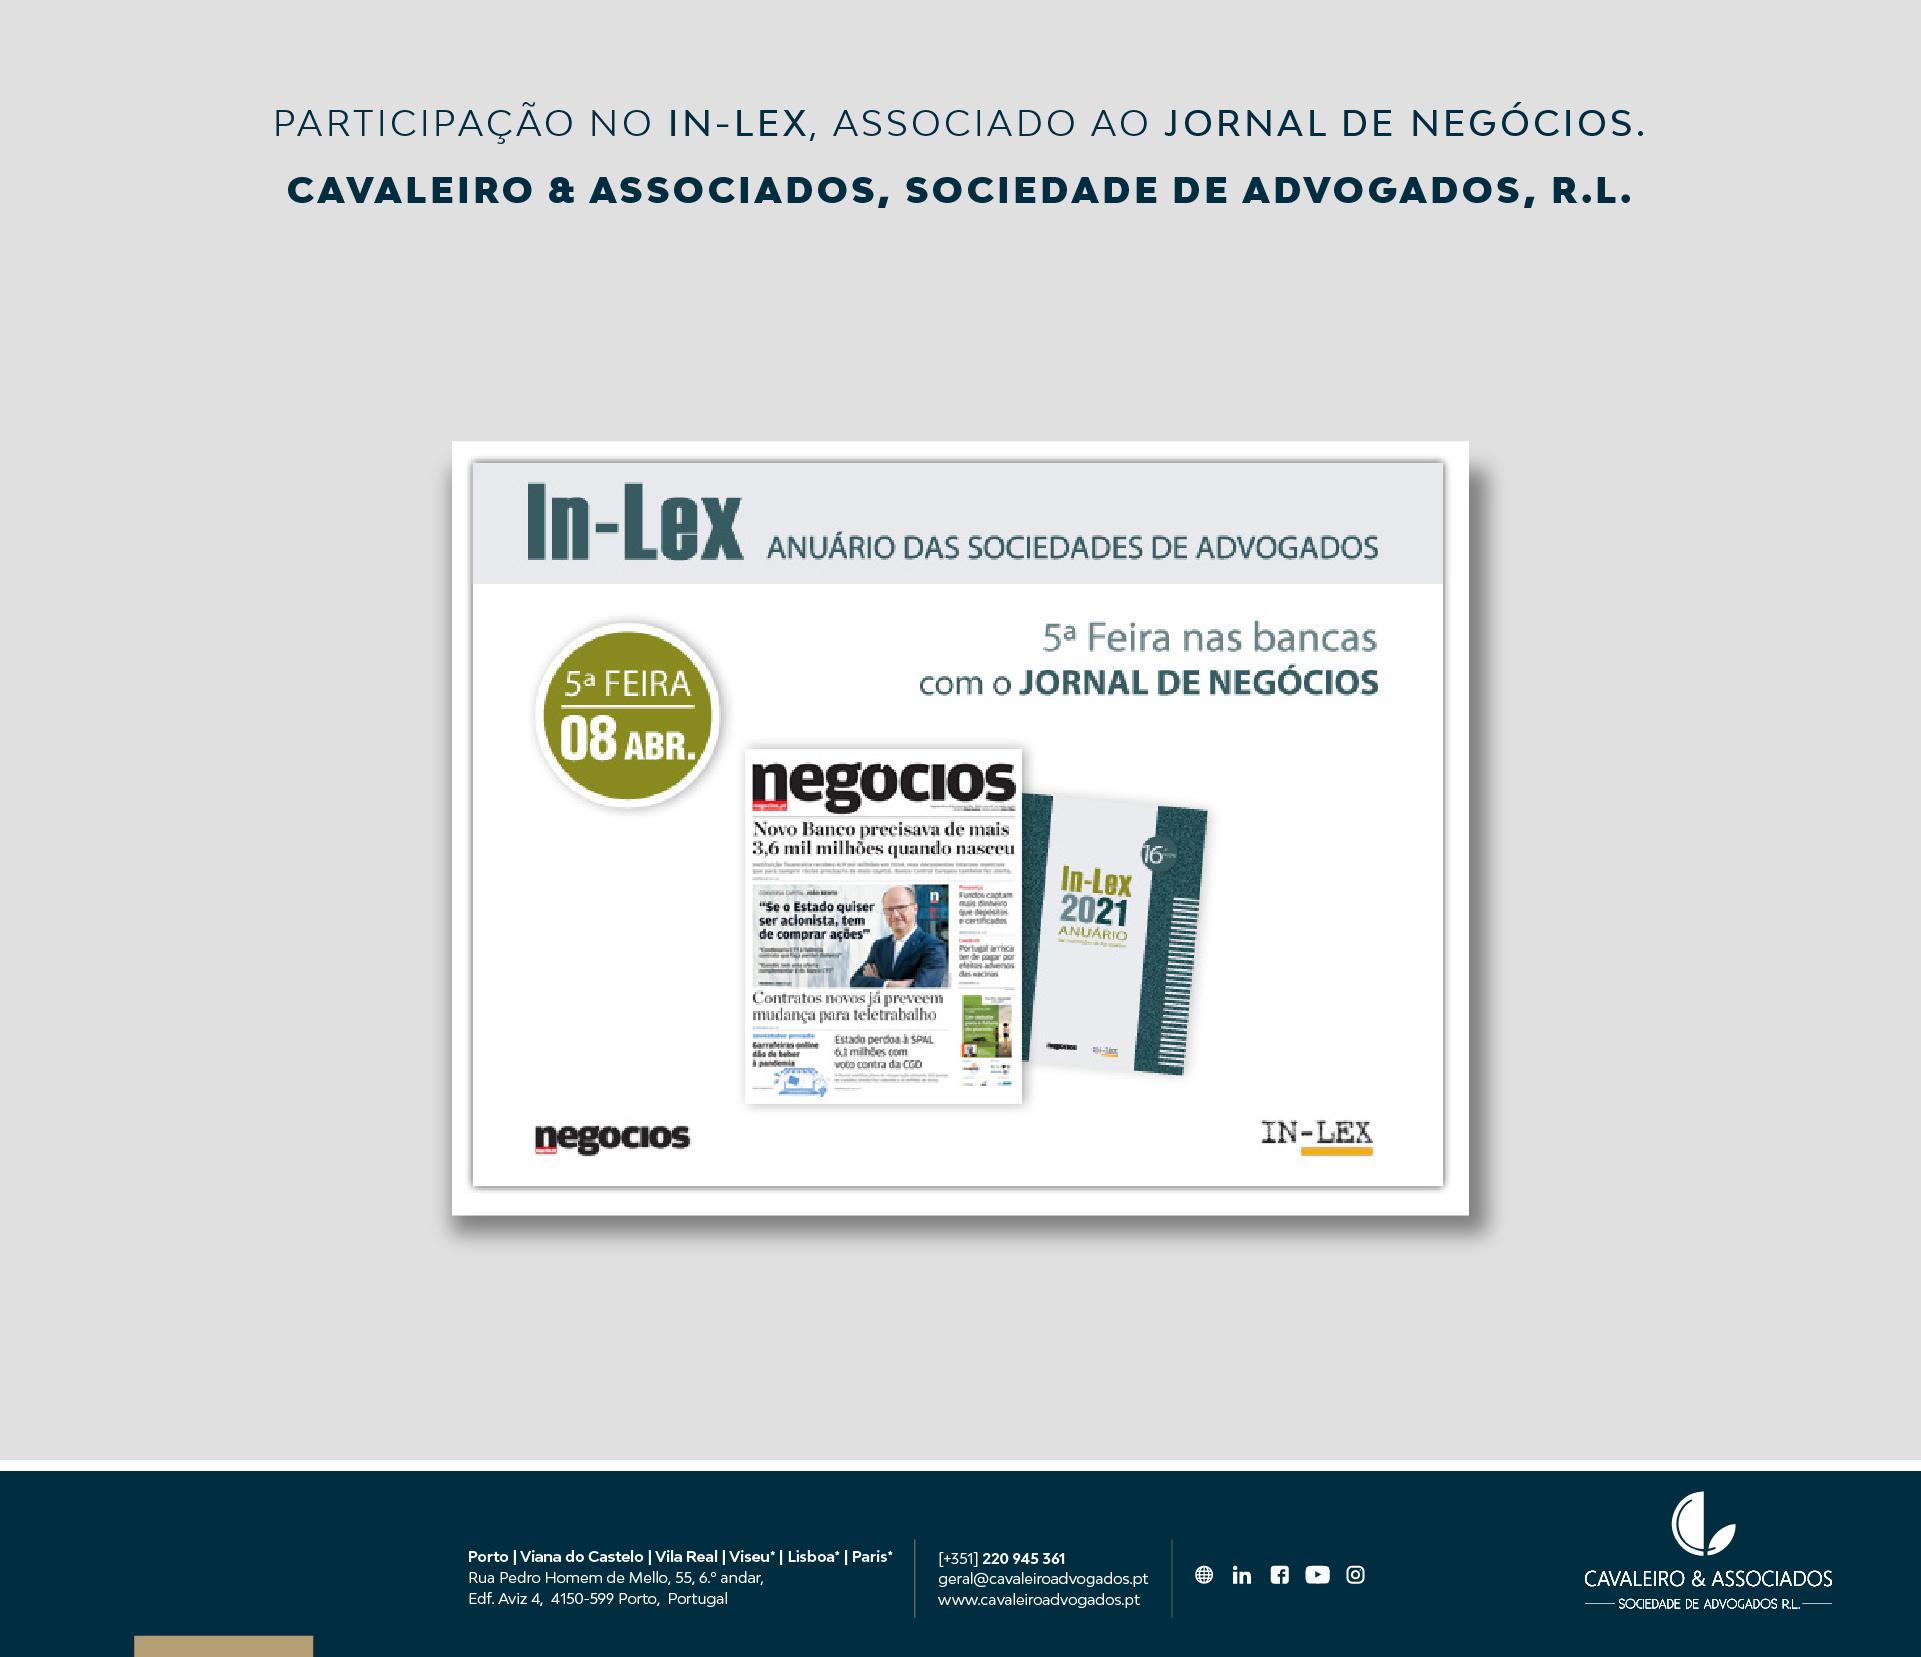 Participação no IN-LEX, associado ao jornal de negócios.